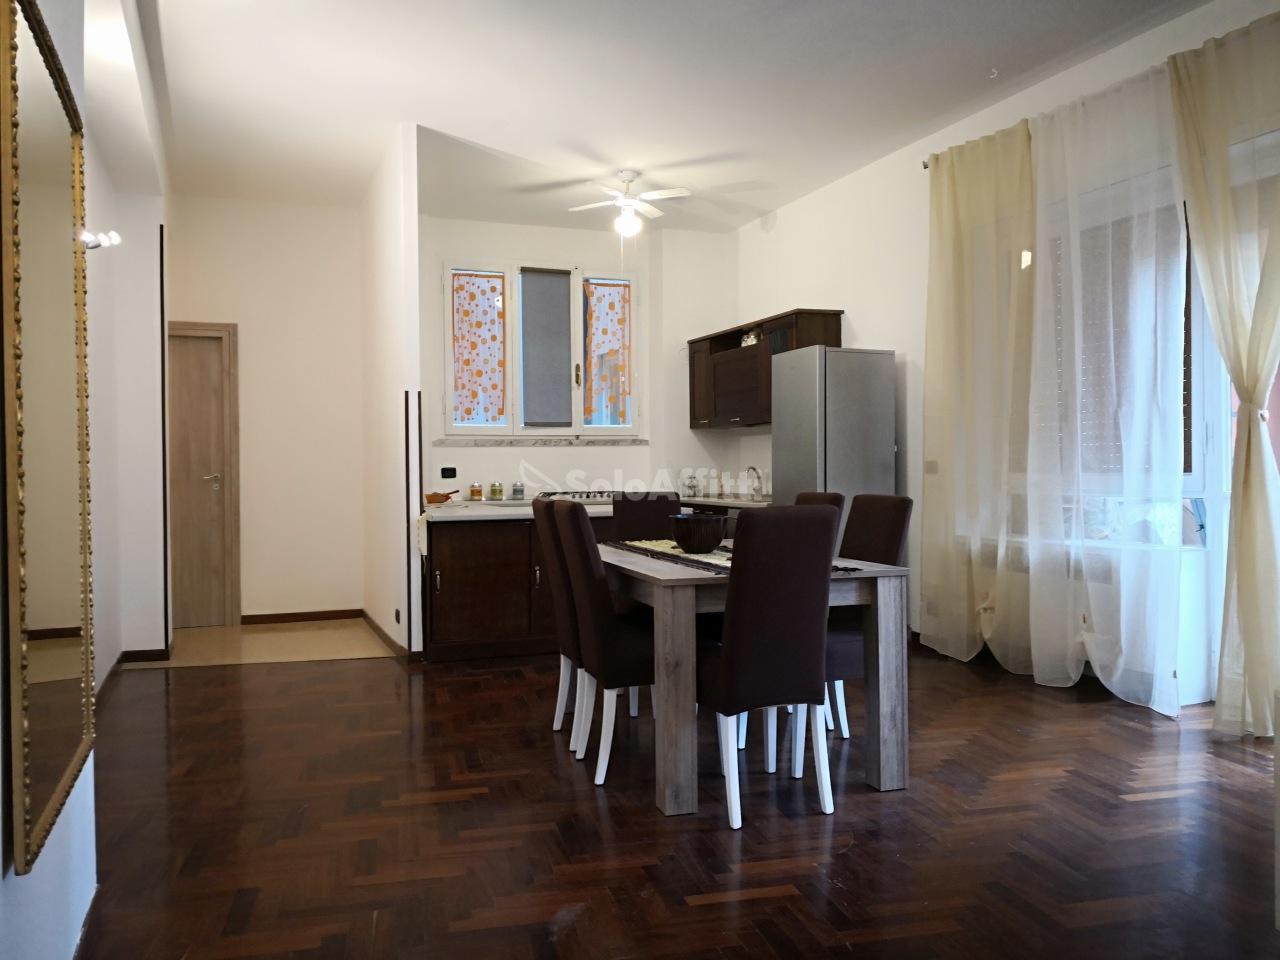 Appartamento - Quadrilocale a Centro Storico, Terni